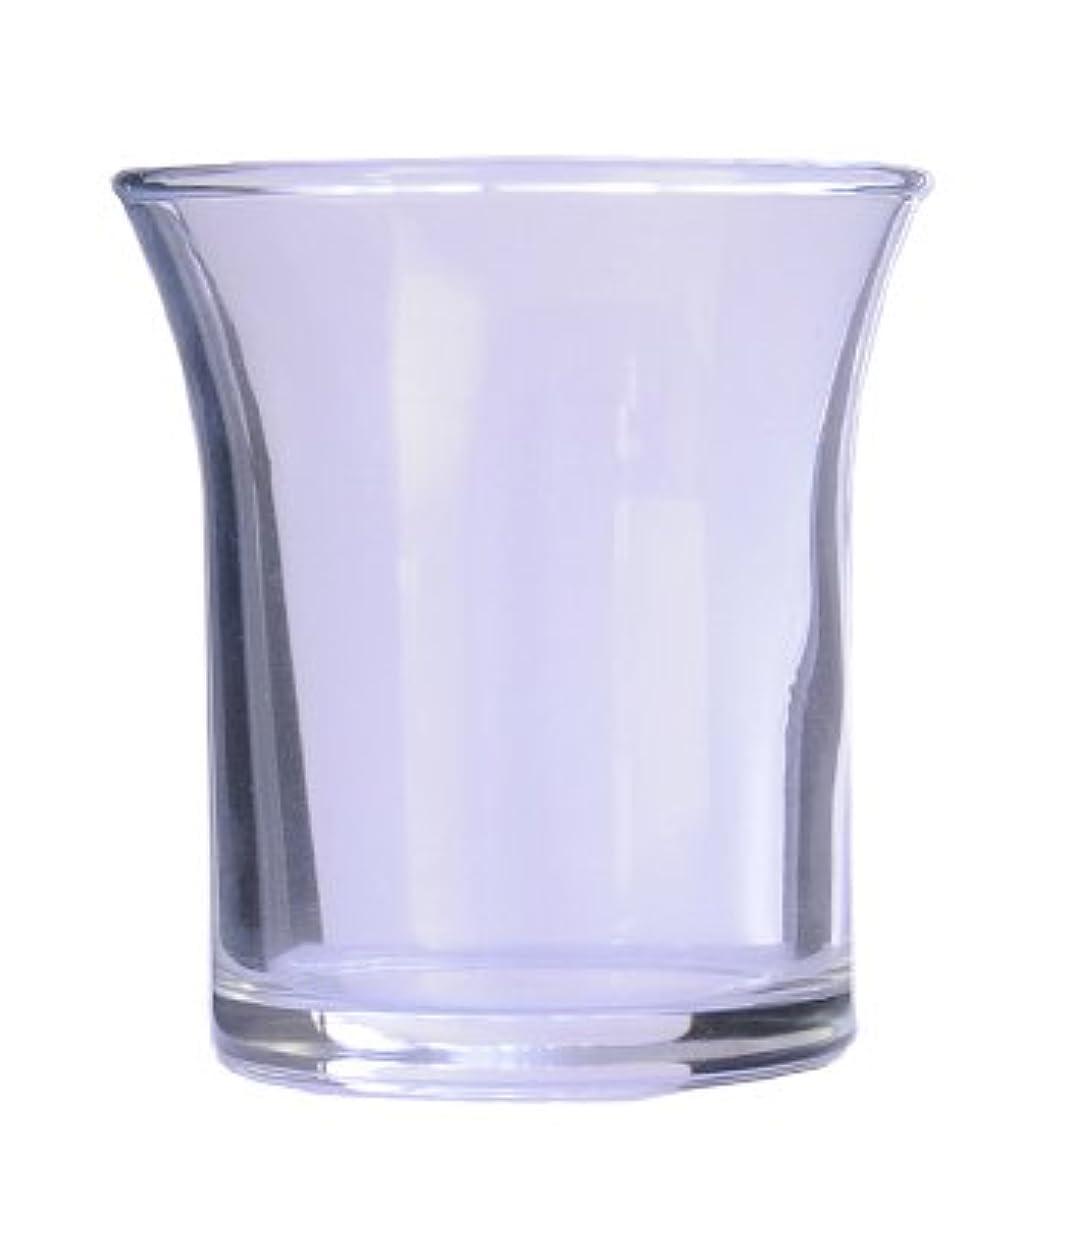 カウボーイいう温かいキャンドルホルダー?ボーテグラス/1個